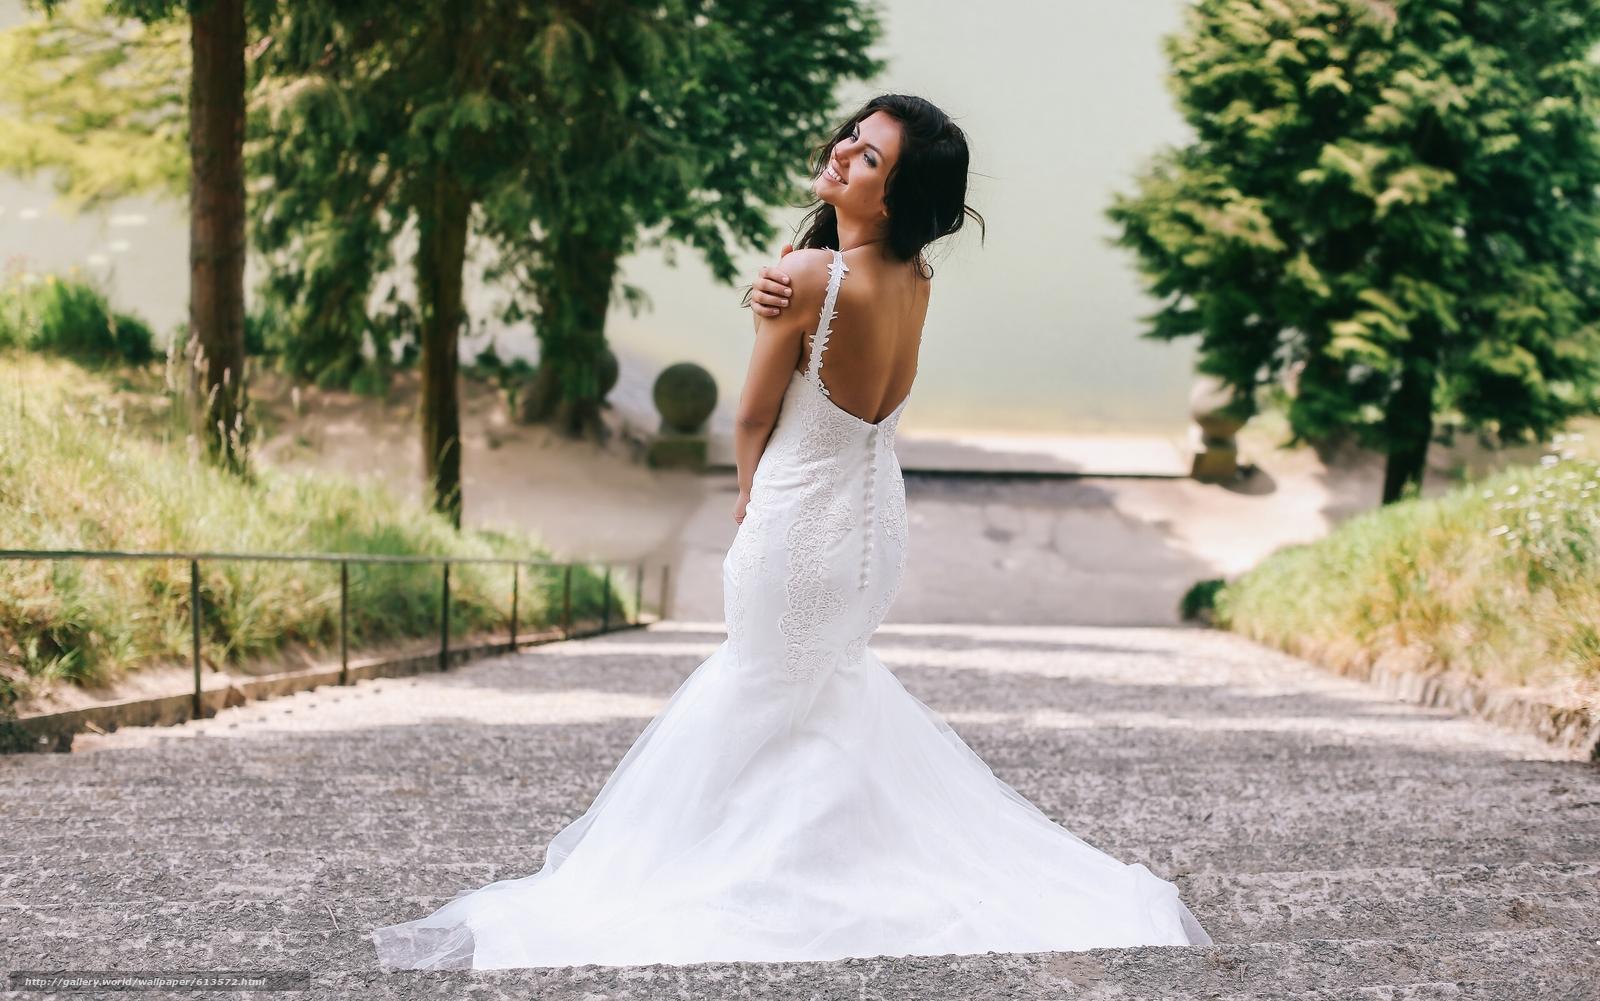 Aurela Skandaj, свадебное платье, платье, декольте, настроение, лестница